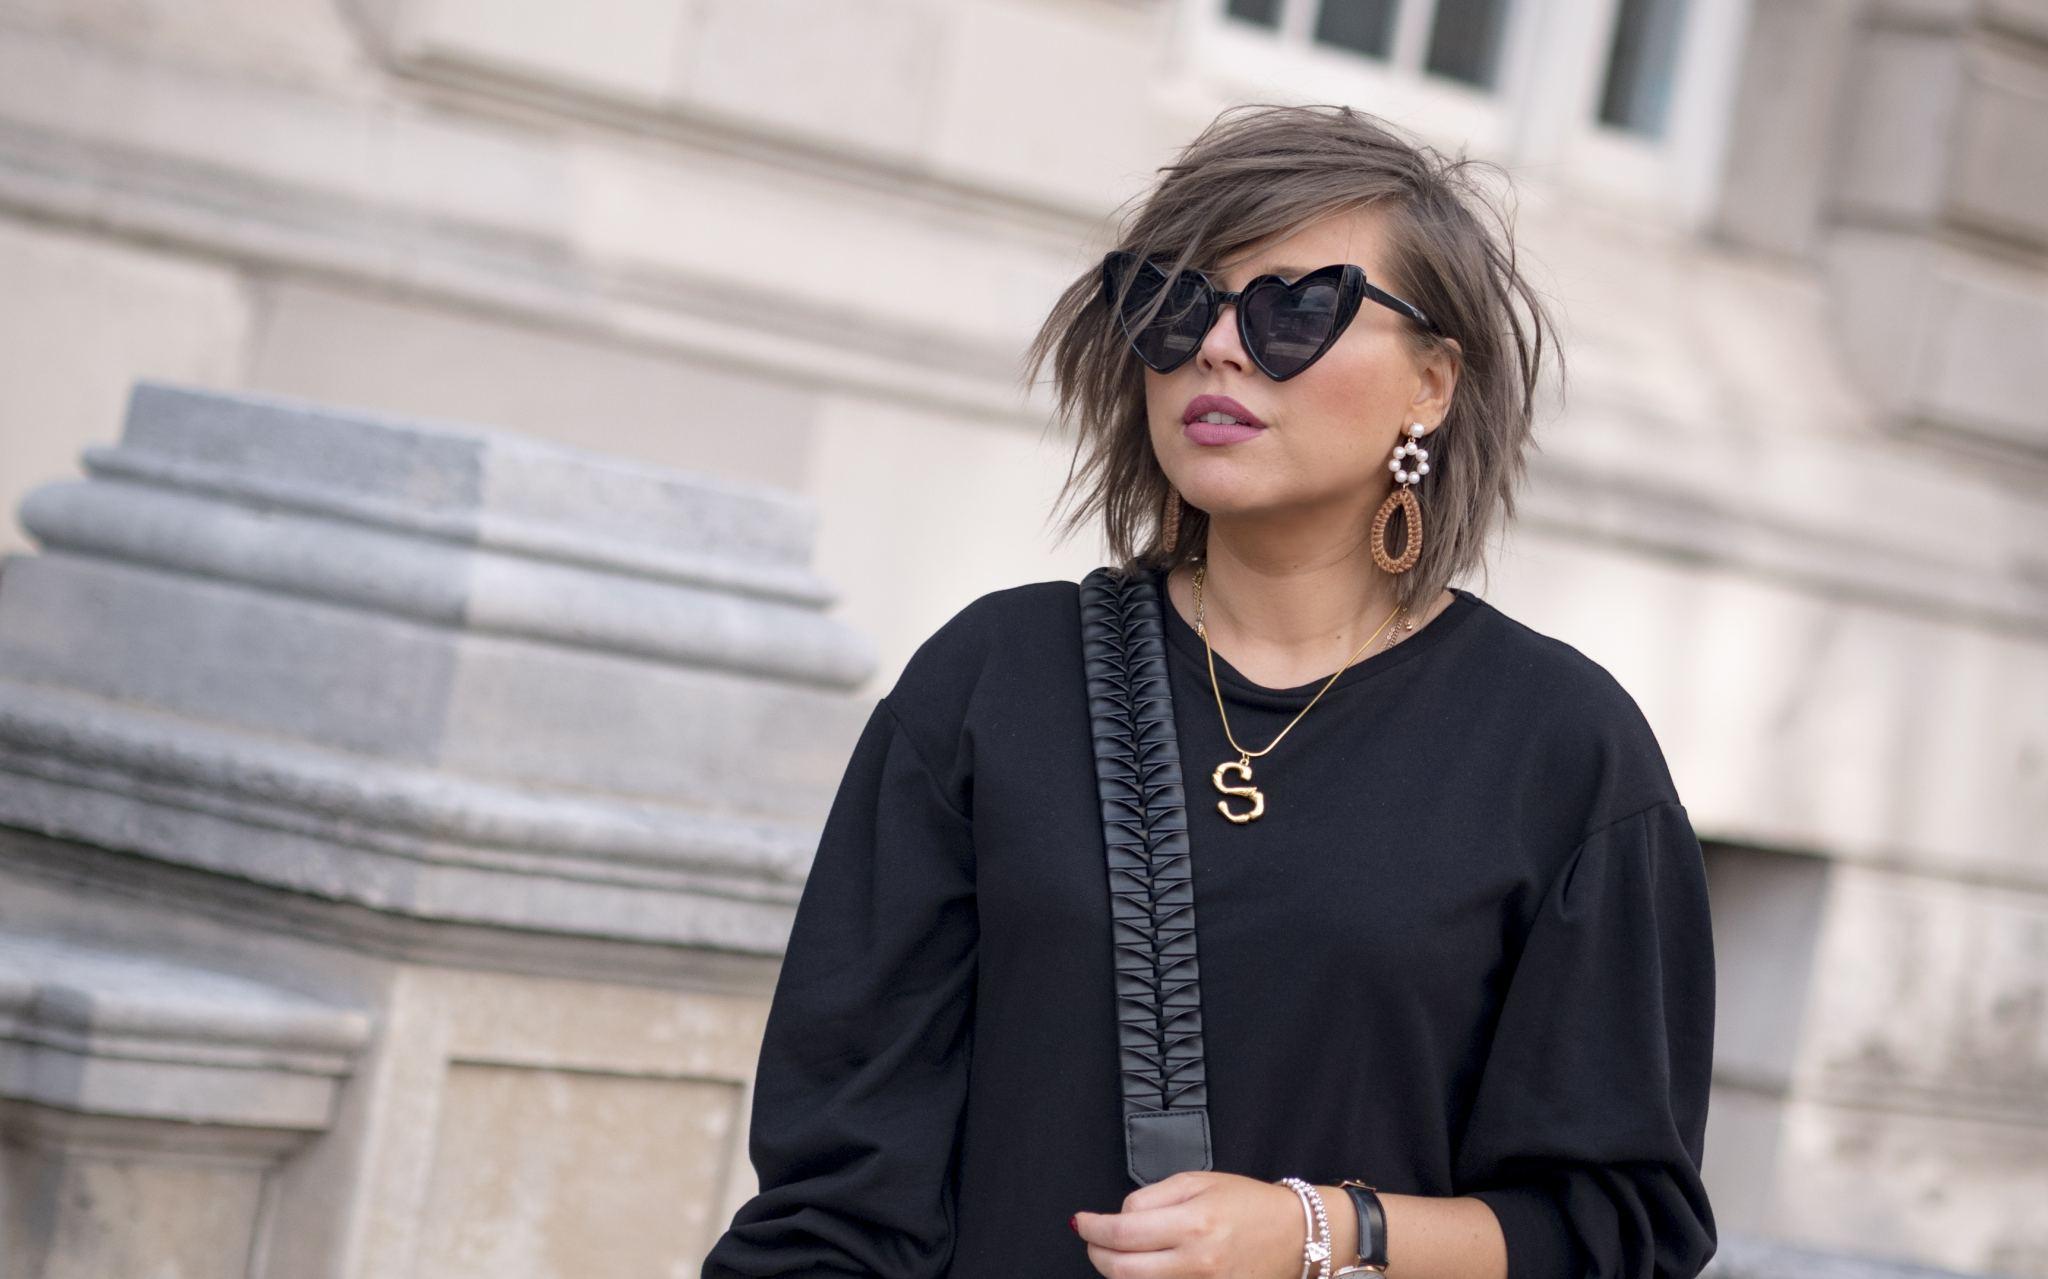 manchester fashion blogger, manchester blogger, Manchester influencer,prada bag, celine sunglasses, celine letter necklace